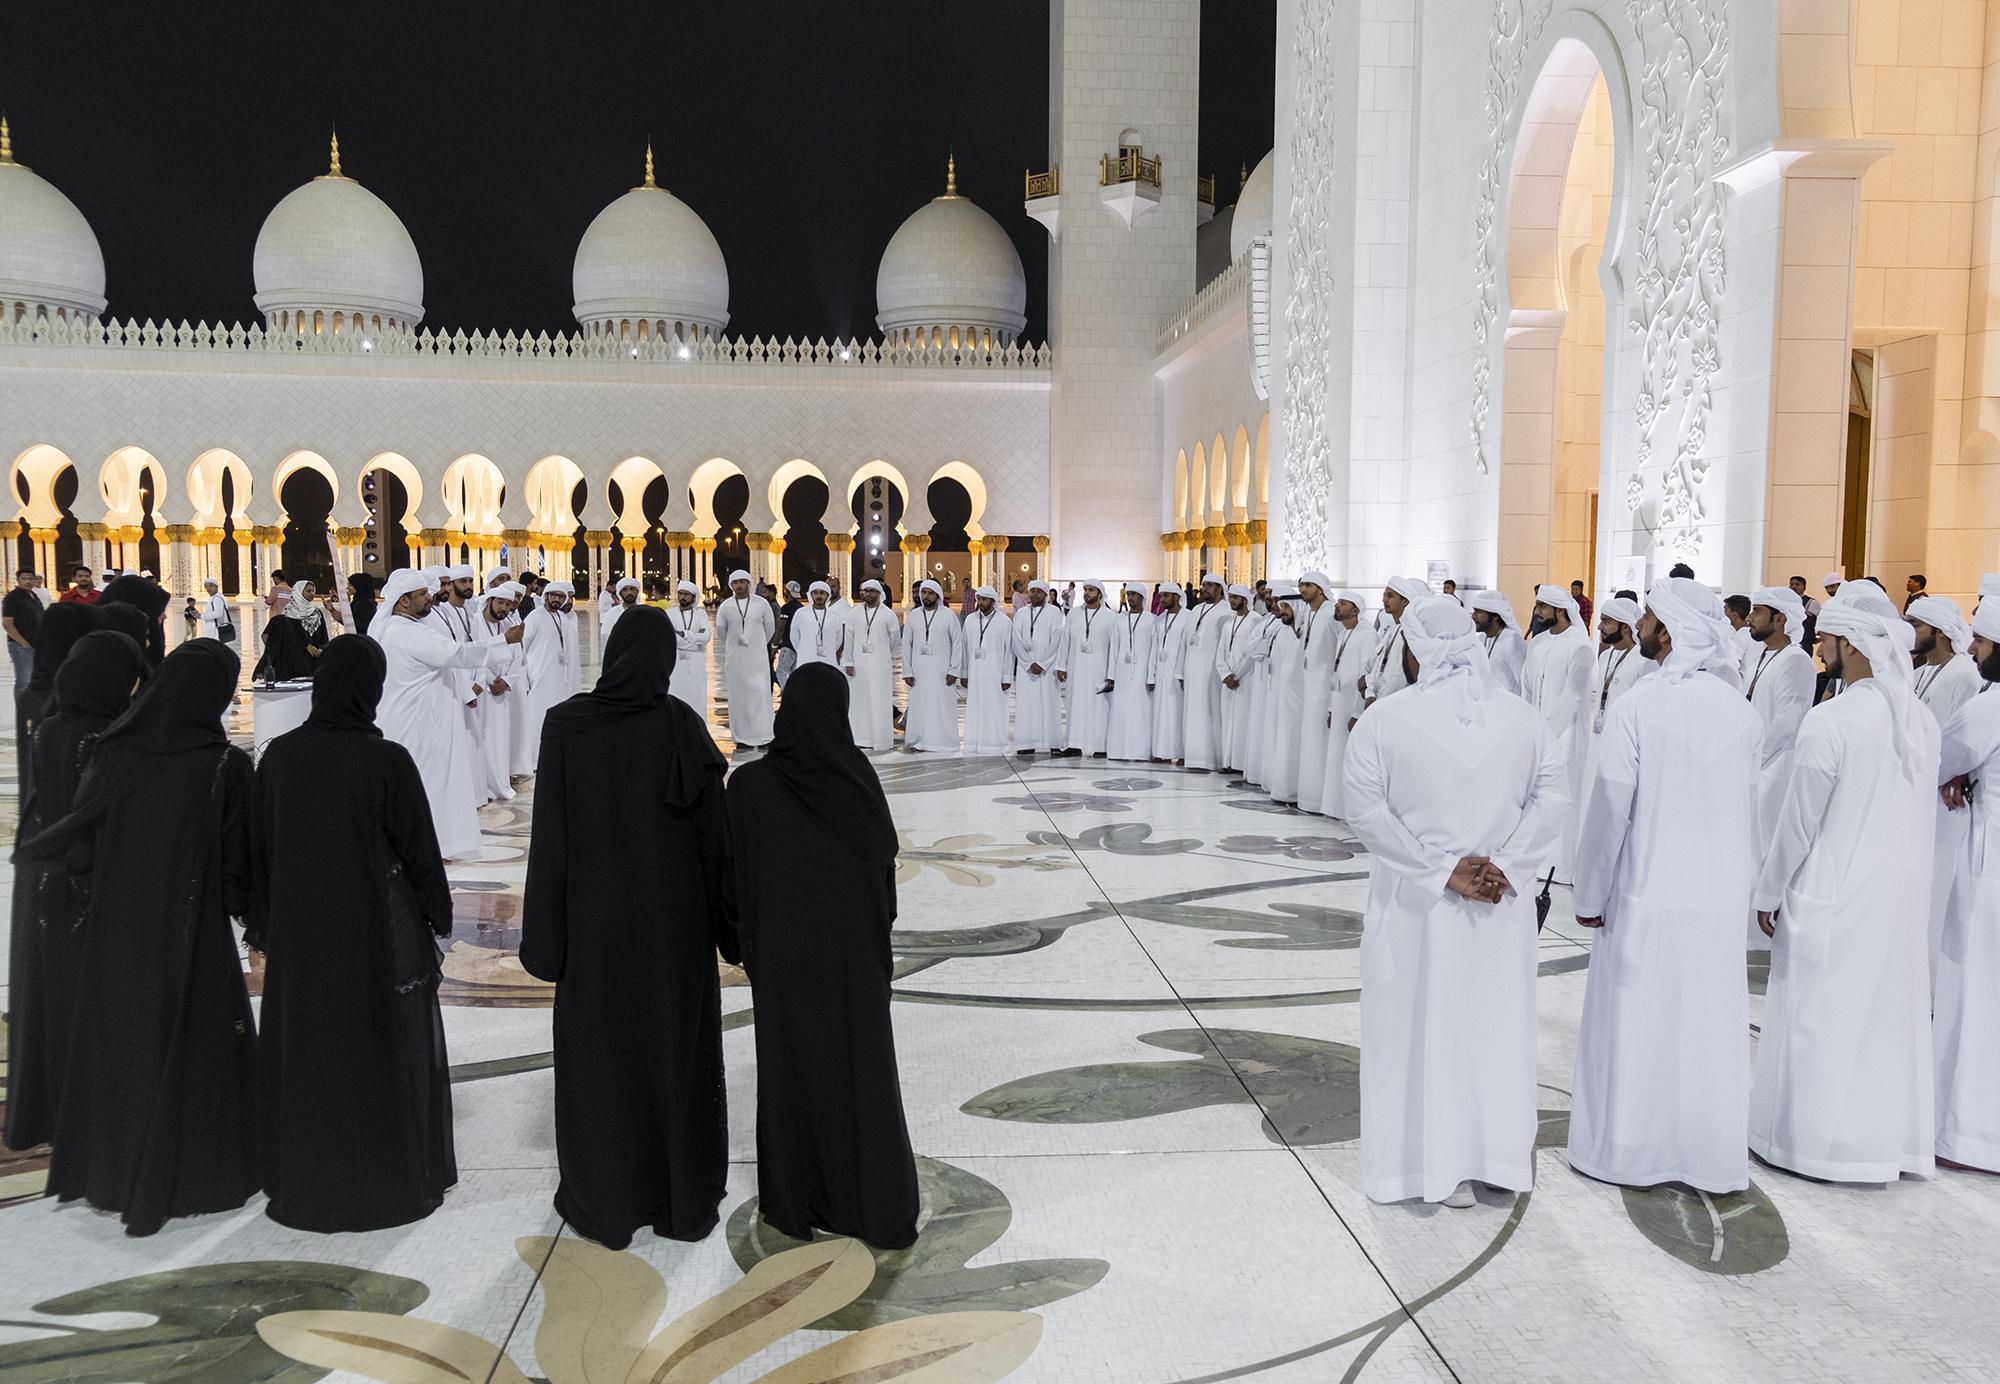 جامع الشيخ زايد الكبير يستقبل أكثر من 420 ألف شخص في العشر الأُول من رمضان